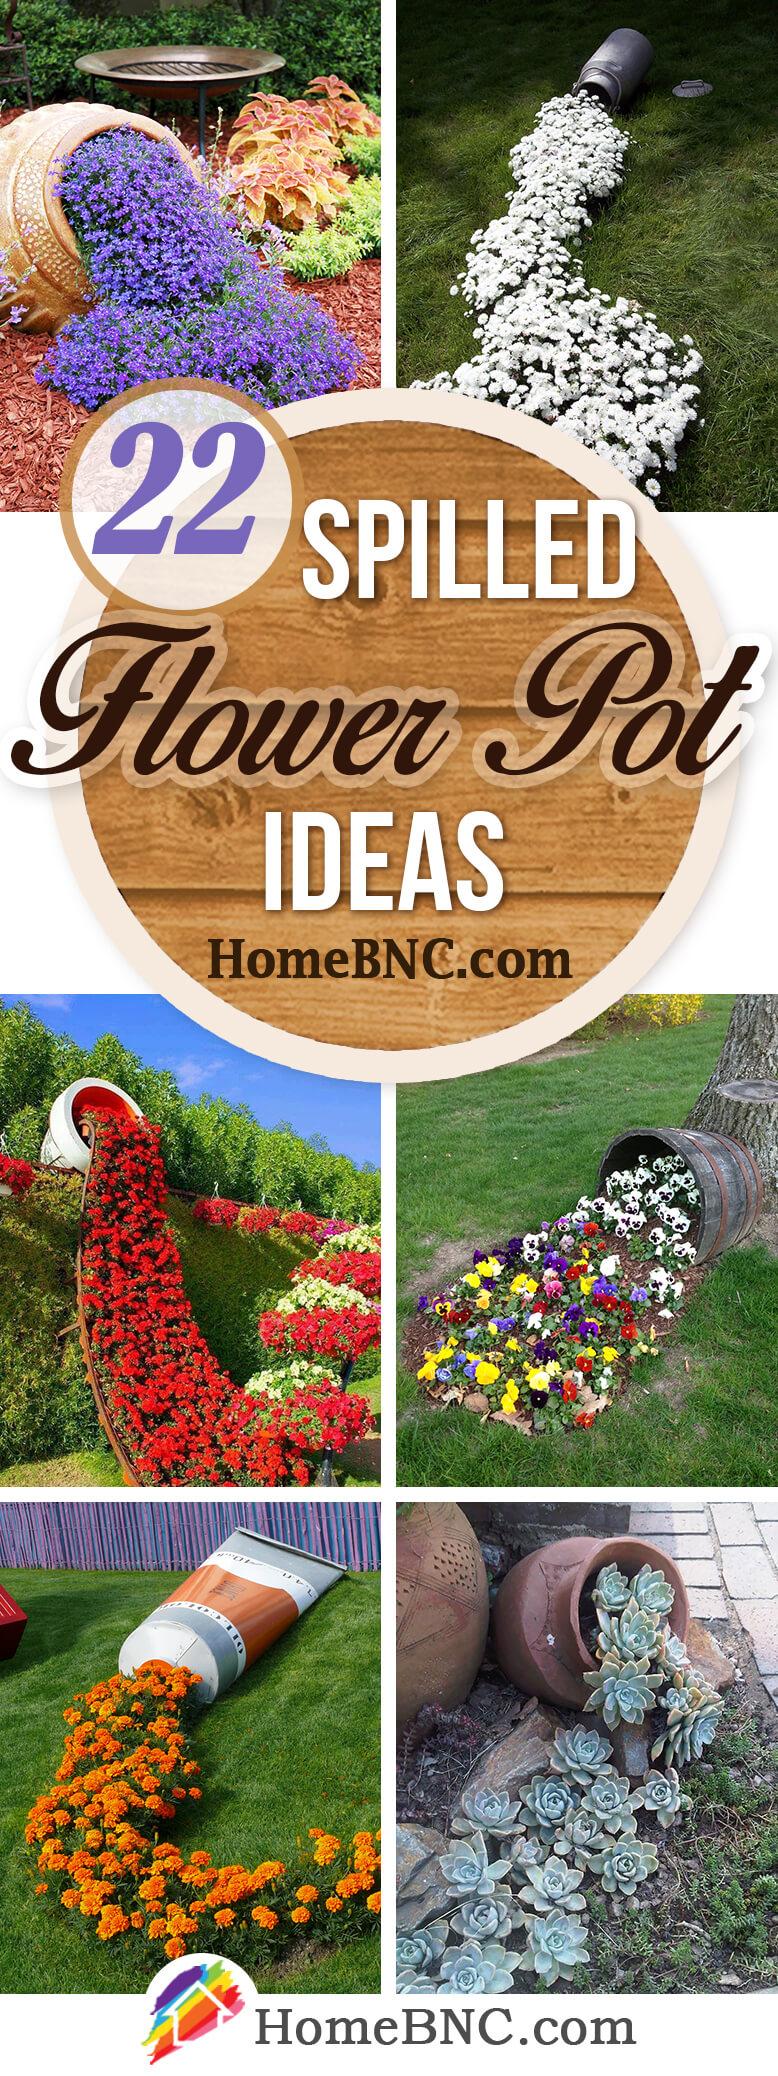 Spilled Flower Pot Ideas